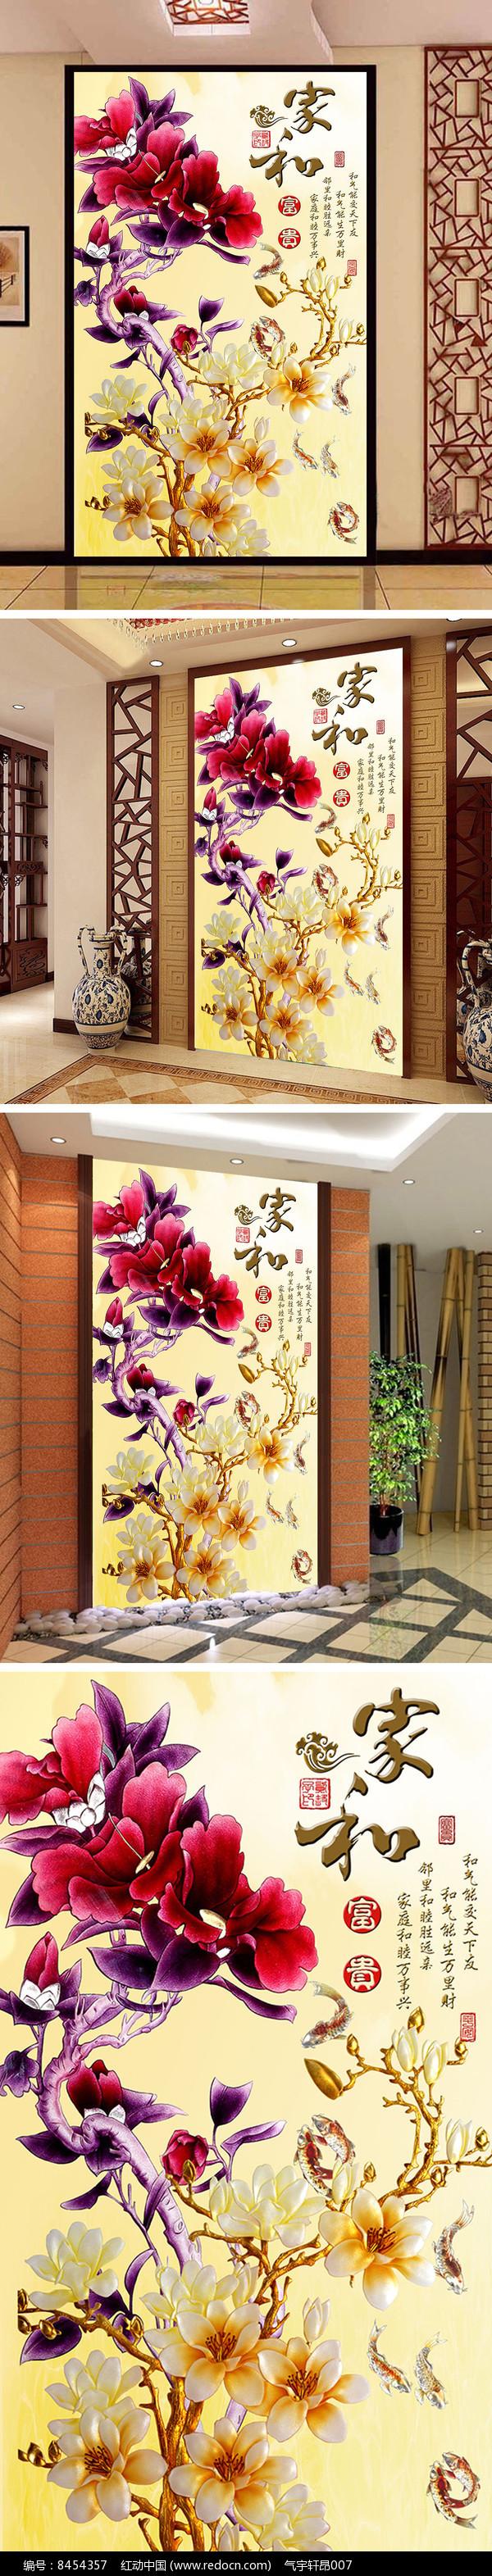 家和富贵玉兰花玄关背景墙图片